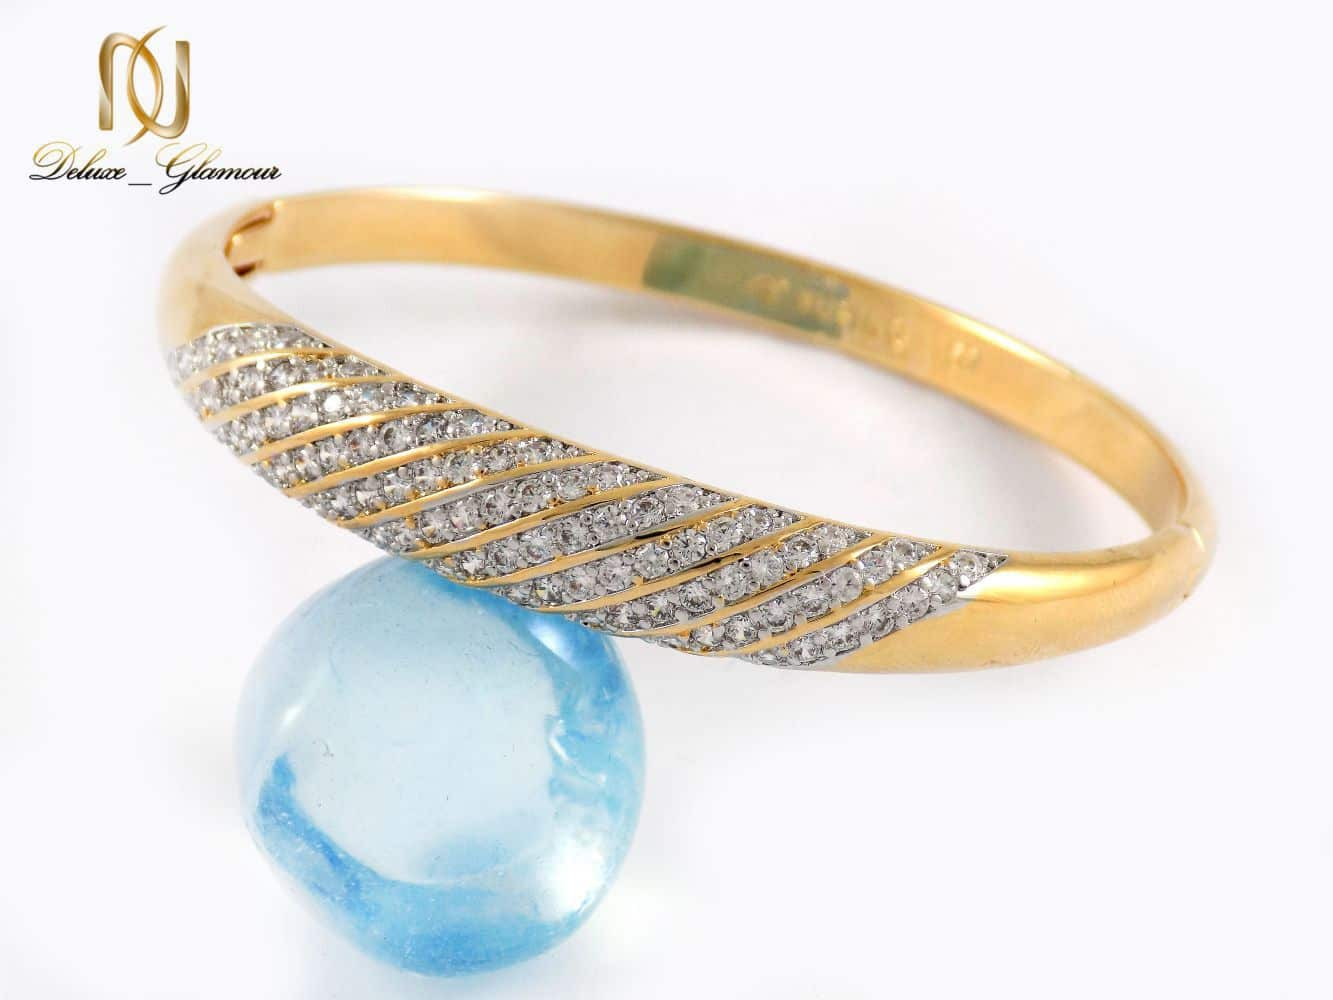 پیشنهادات و هدایای مخصوص روز دختر - دستبند ژوپینگ